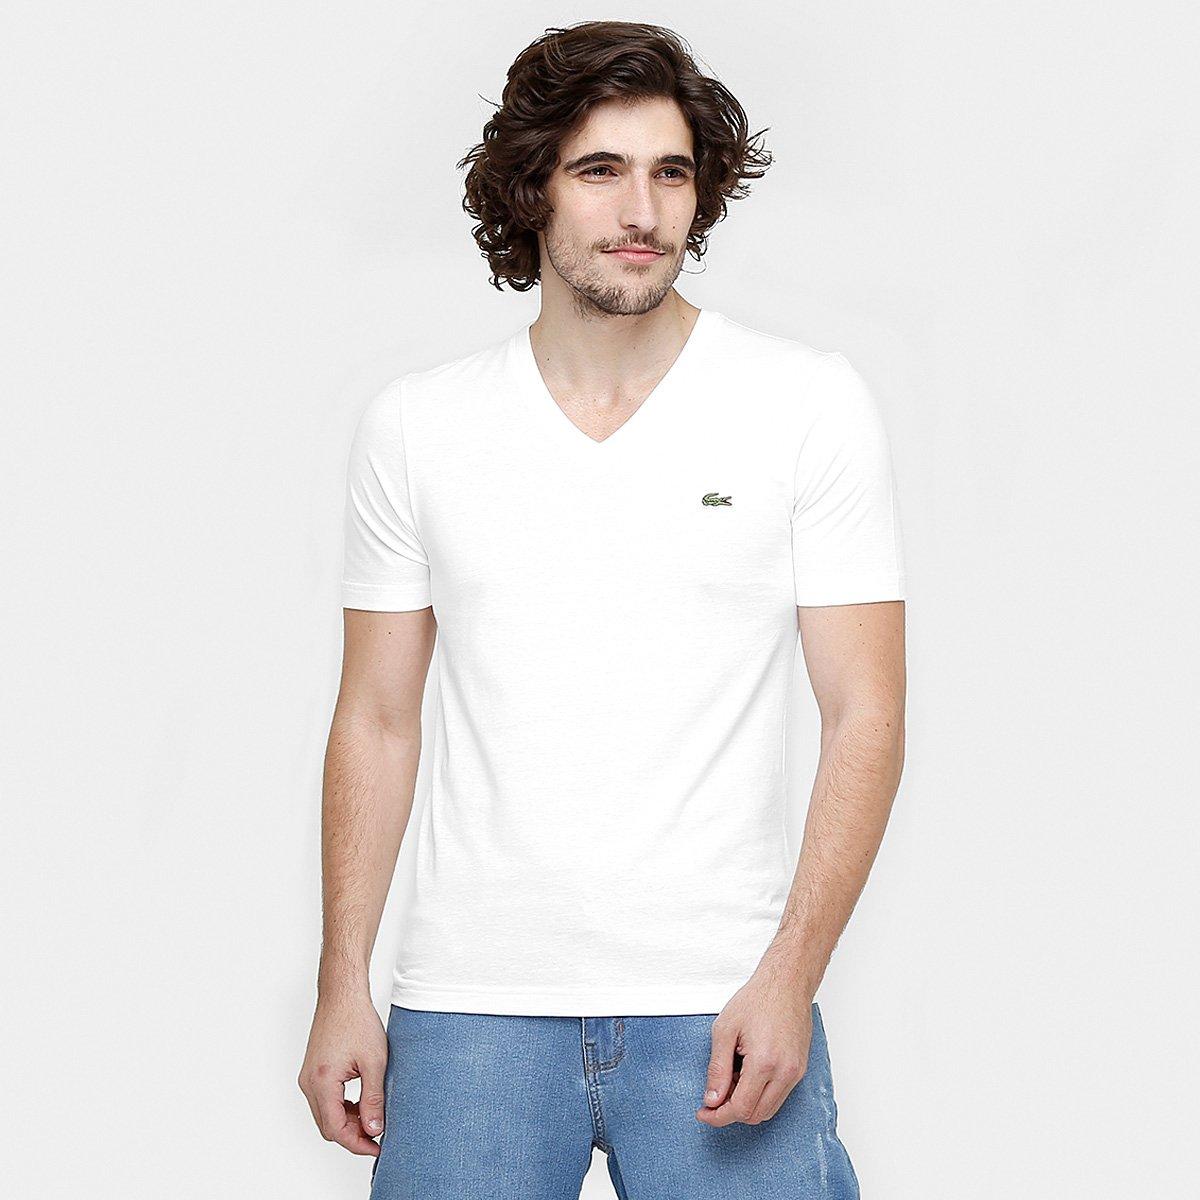 cd0c2c420da Camiseta Lacoste Lisa Gola V - Compre Agora